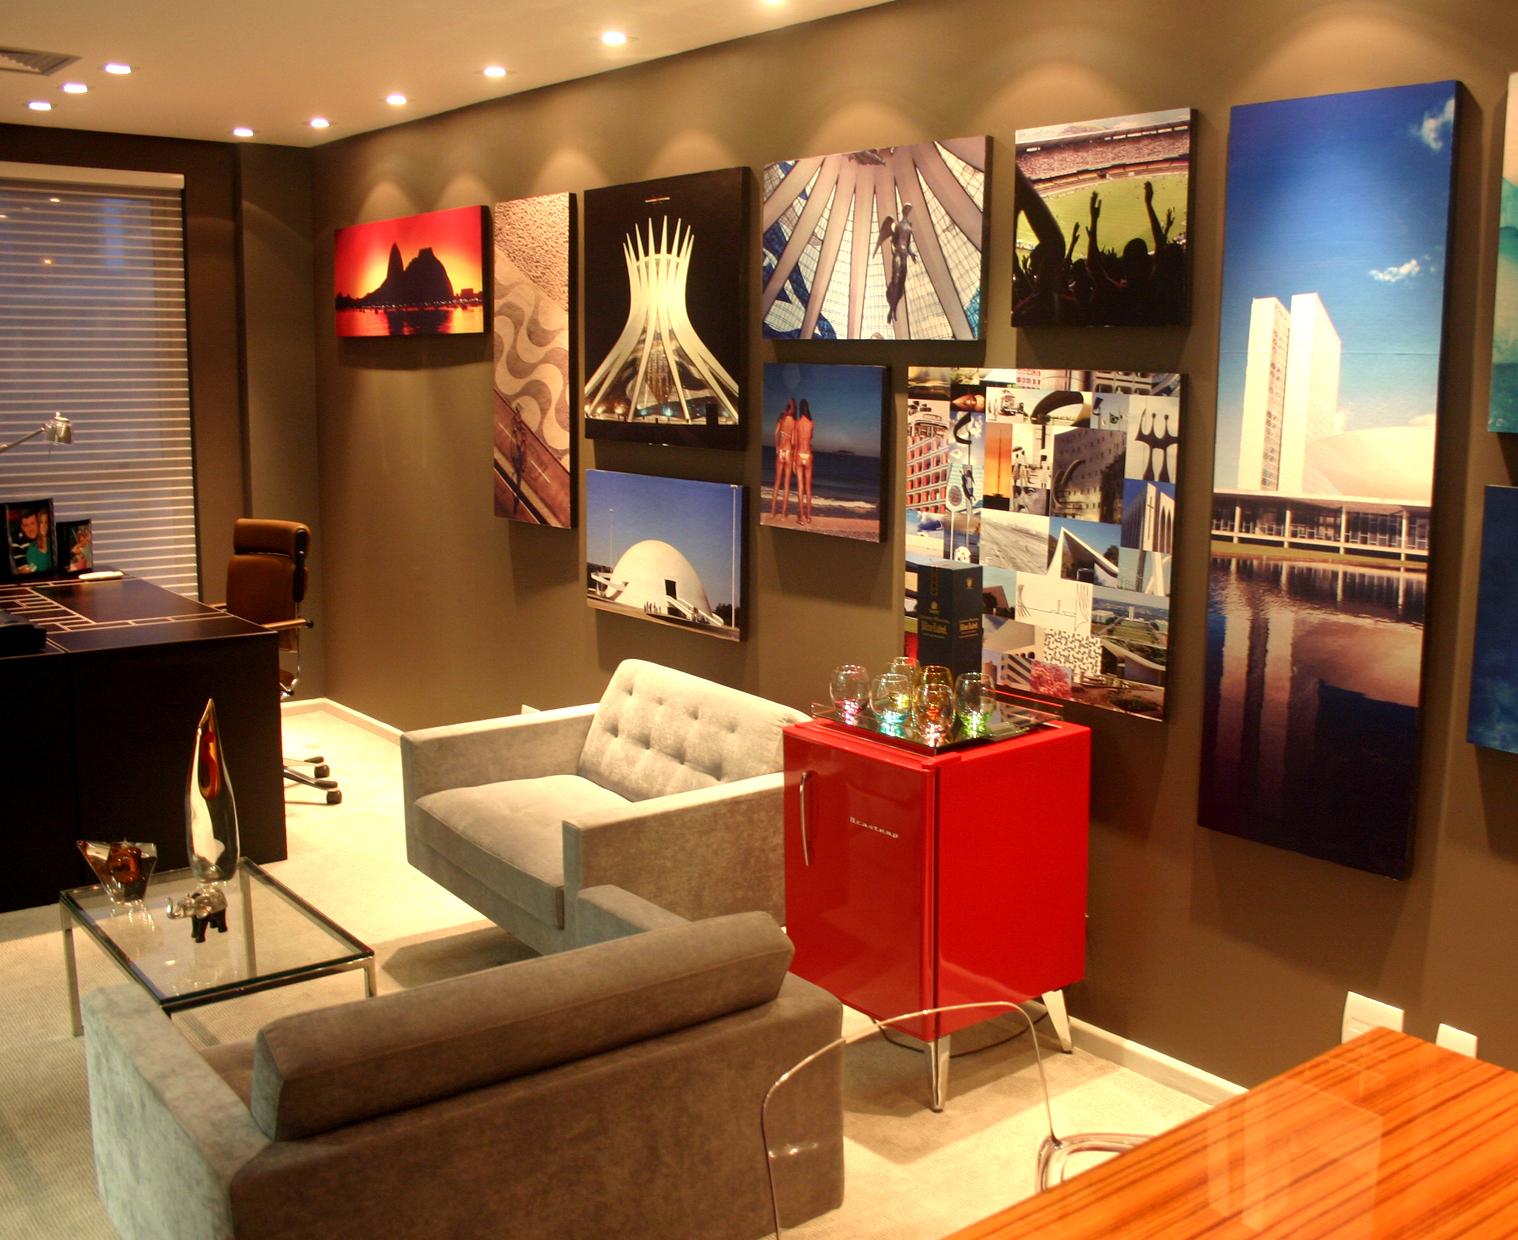 decoracao quadro branco:Painéis e quadros garantem uma decoração descontraída sem esforço